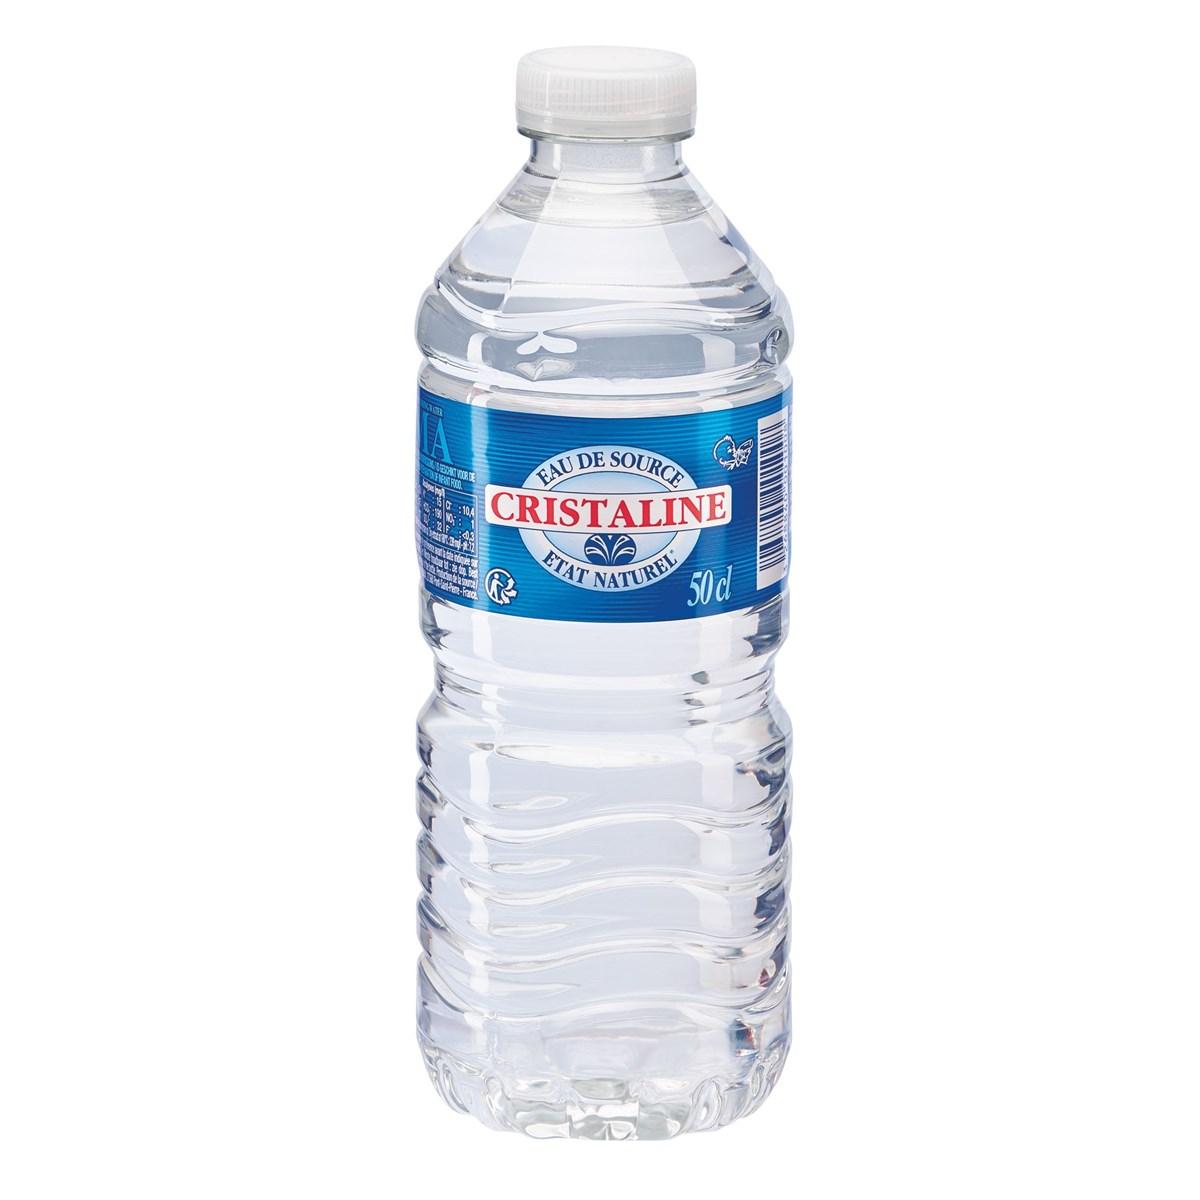 eau-de-source-cristaline enceinte